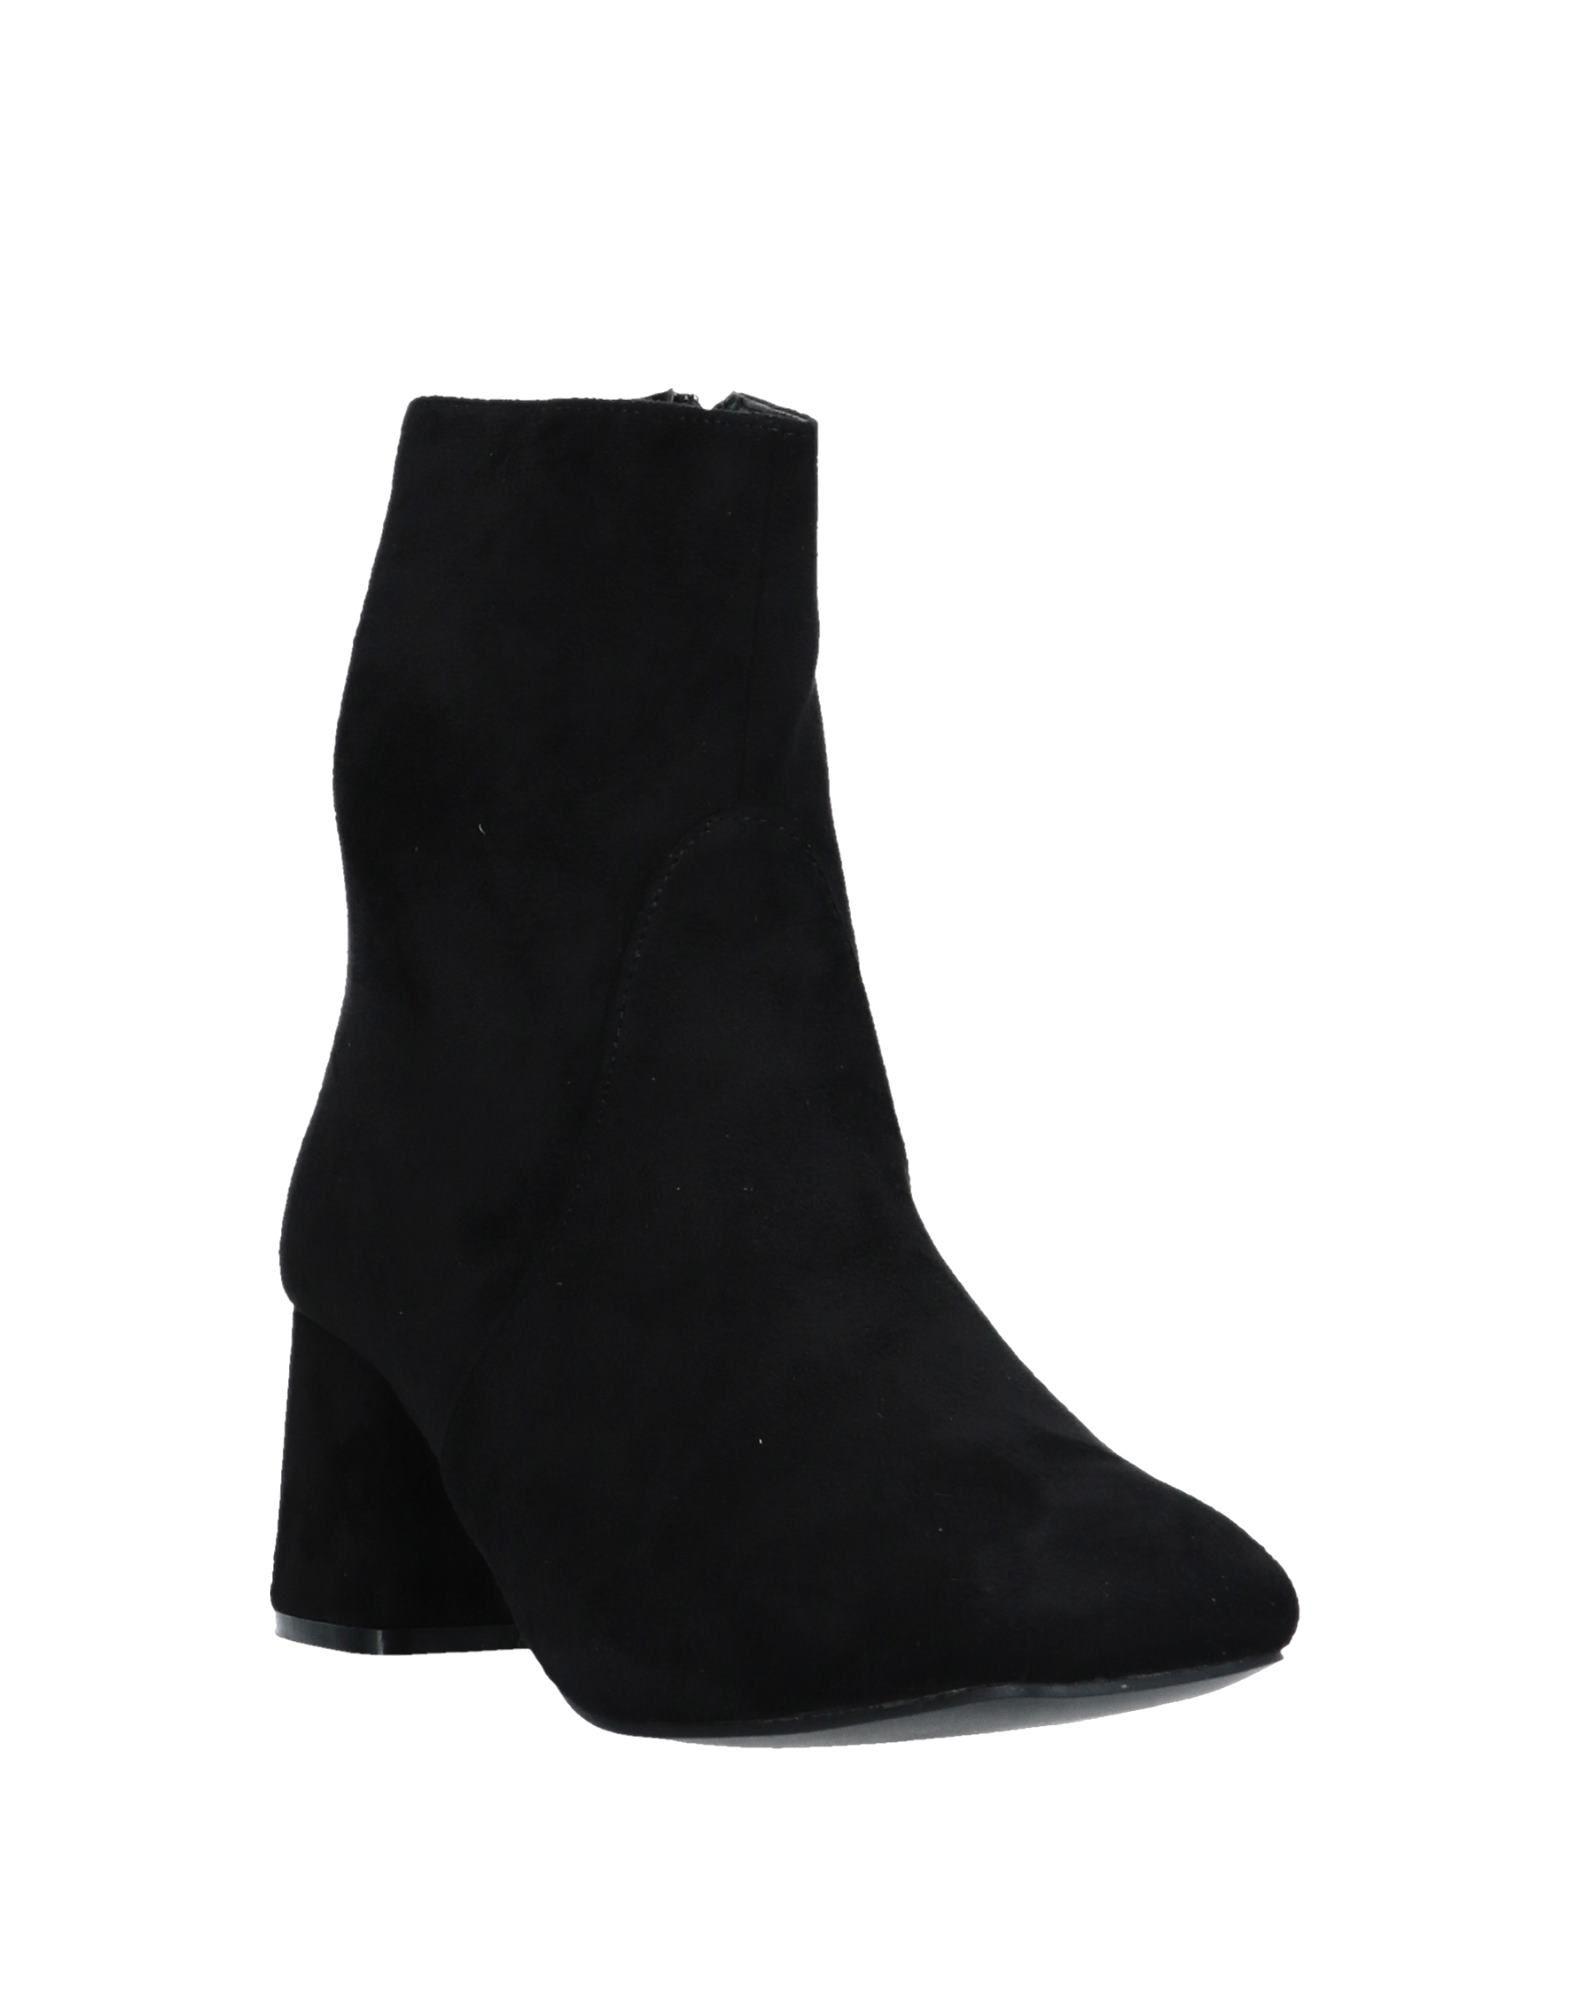 Public Desire Stiefelette Damen  11536253VO Gute Schuhe Qualität beliebte Schuhe Gute b58f8f